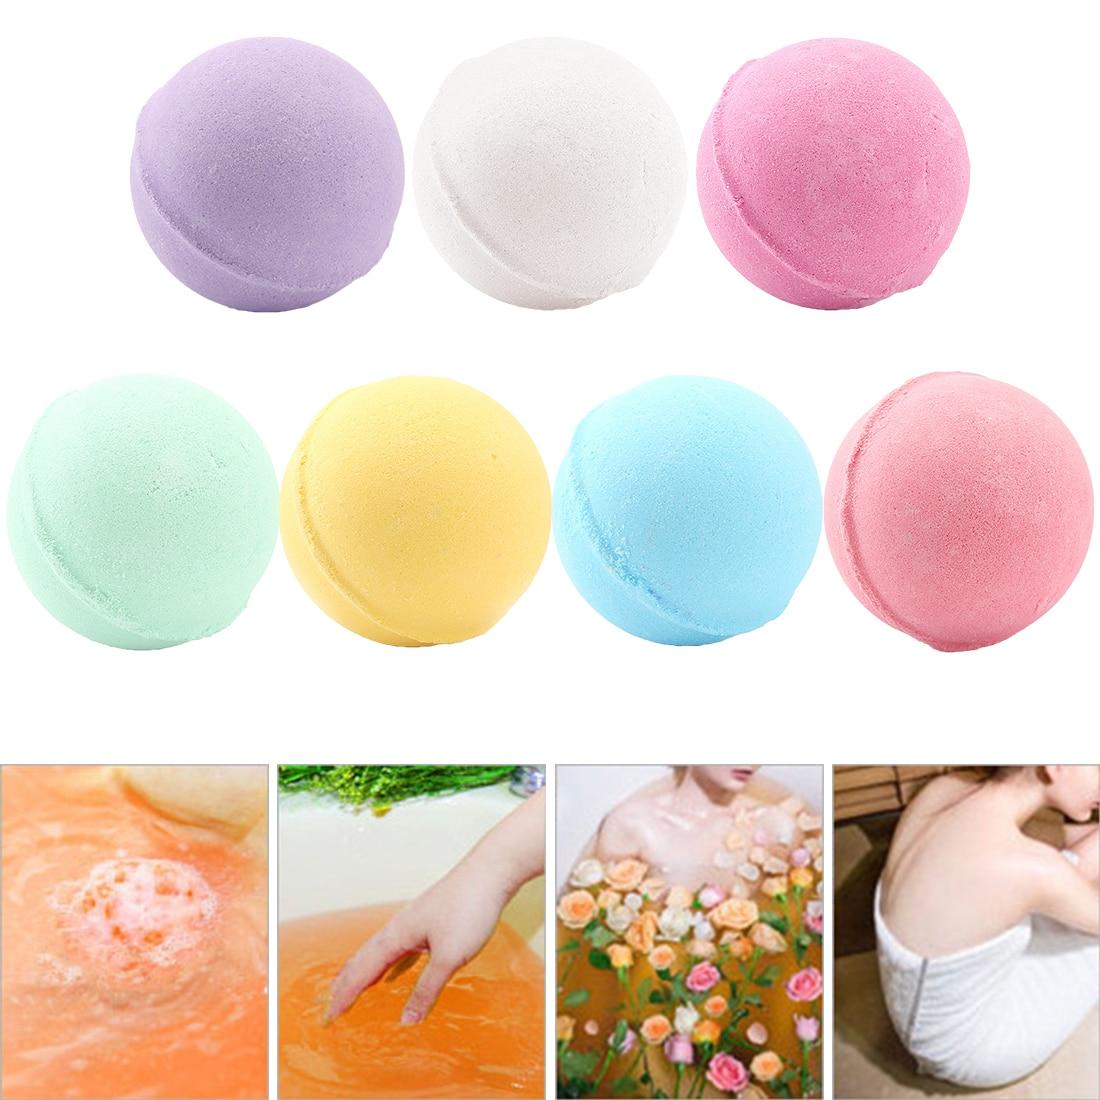 1pc Deep Sea Bath Salt Body Essential Oil Bath Ball Natural Bubble Bath Bombs Ball Rose Green Tea Lavender Lemon Milk Random